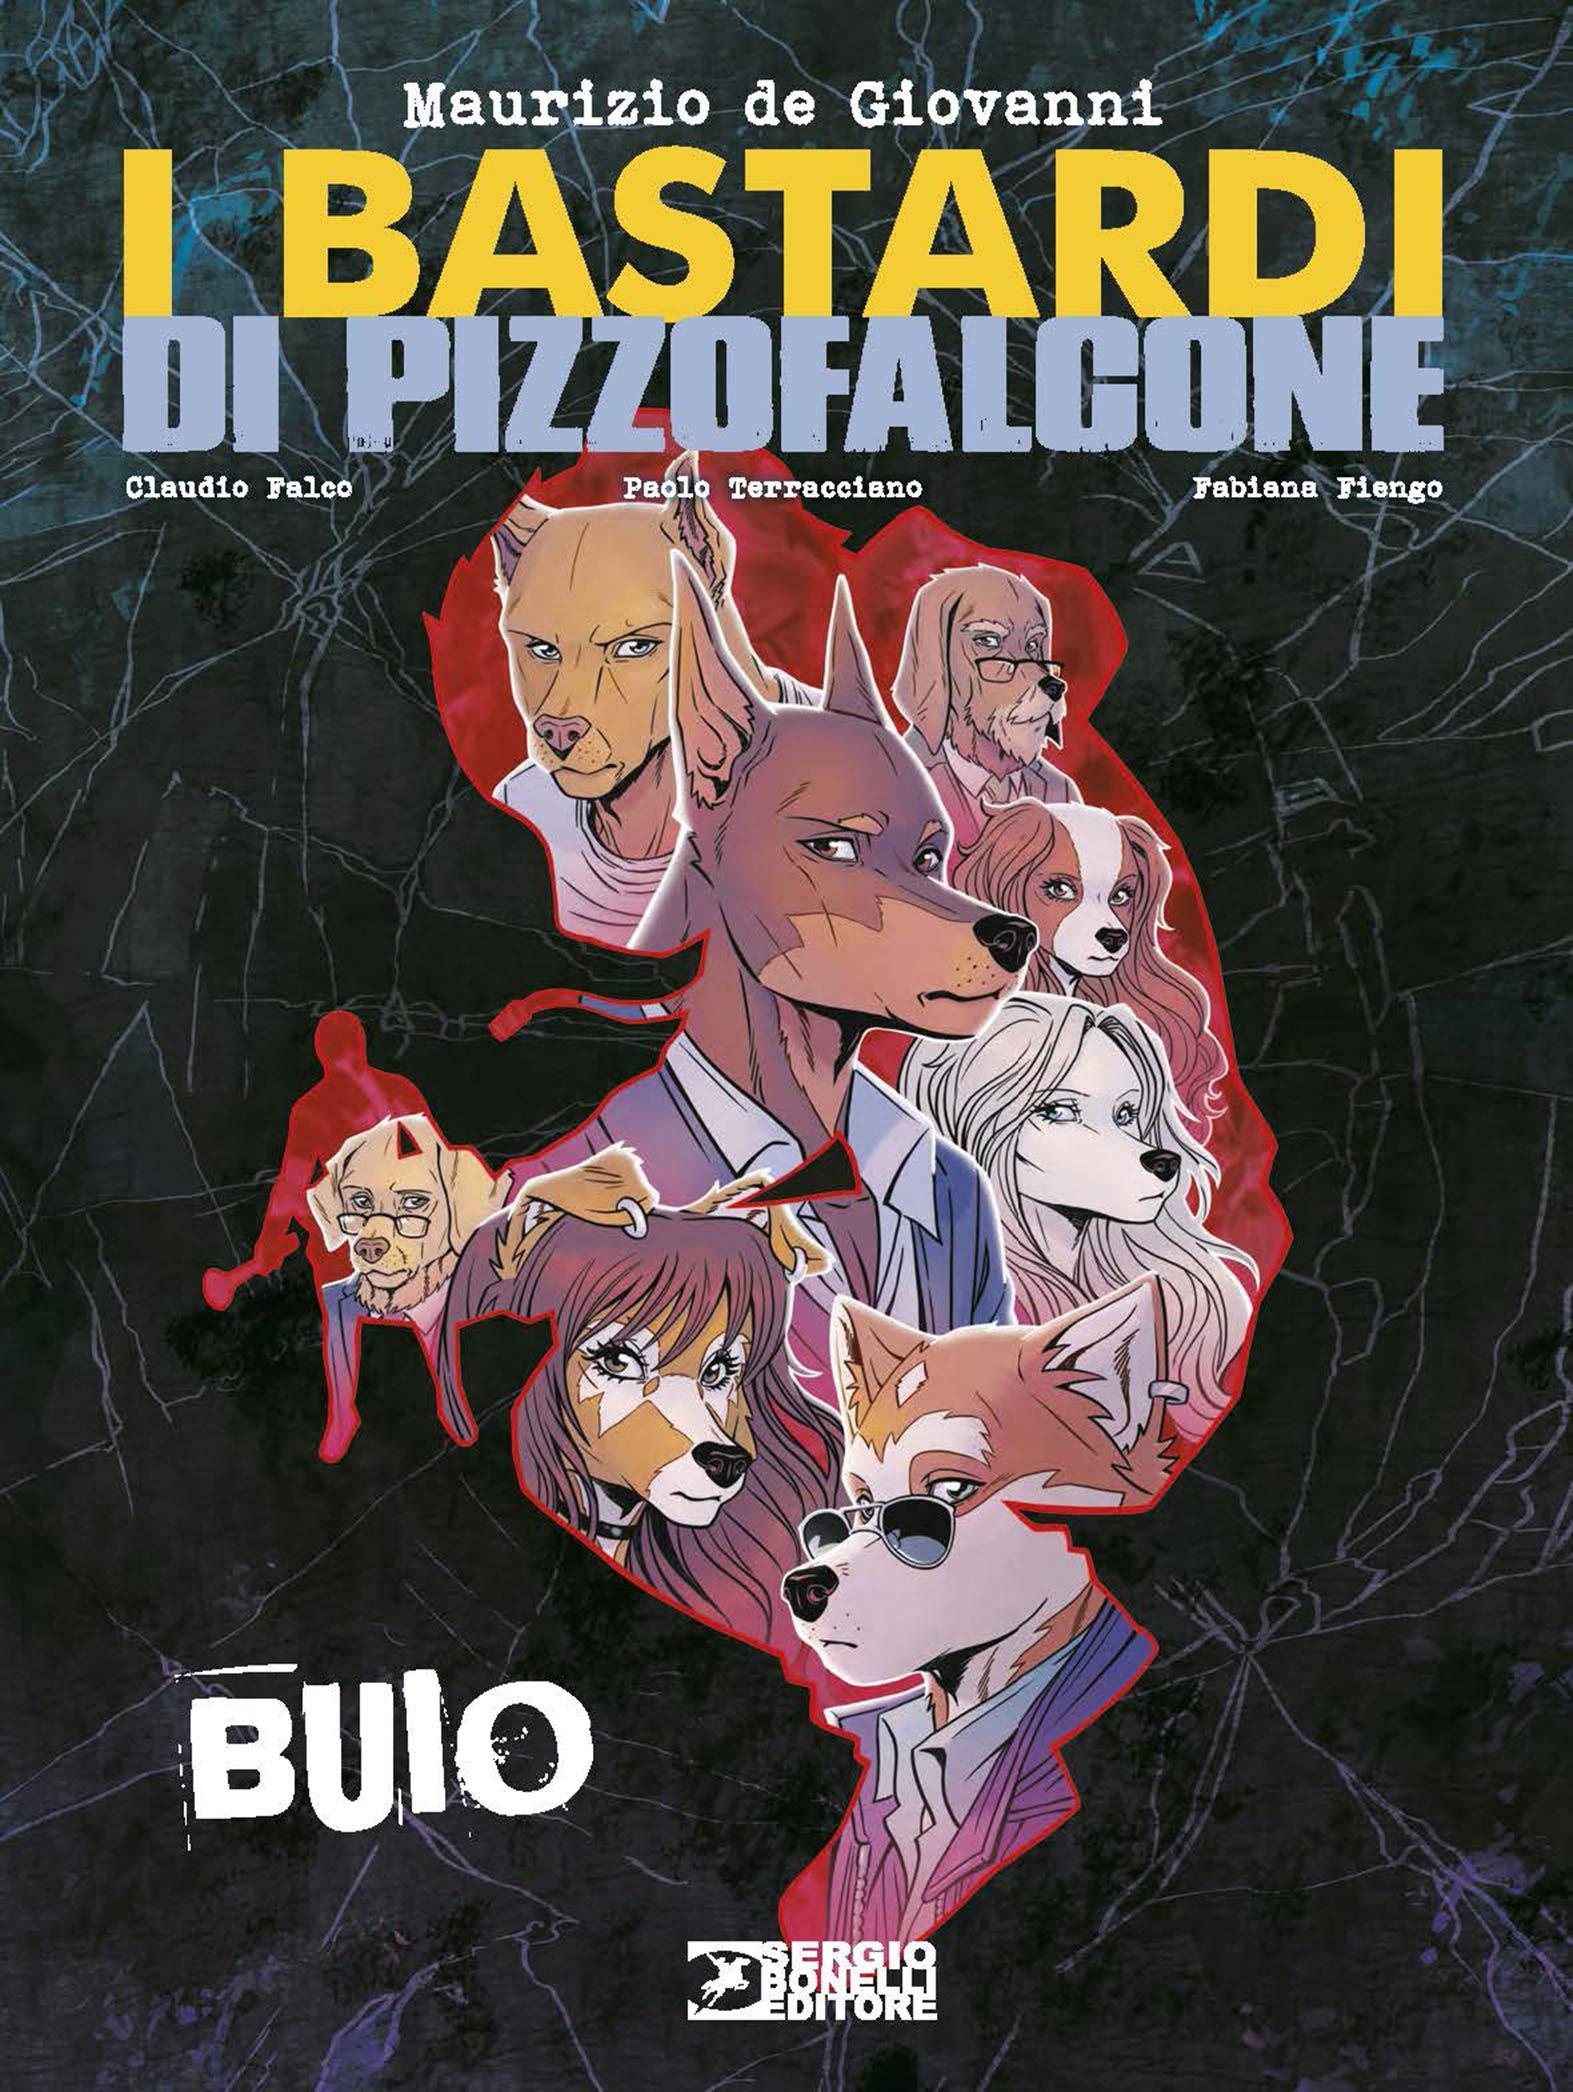 Fumetto – Bonelli – I Bastardi di Pizzofalcone – B...